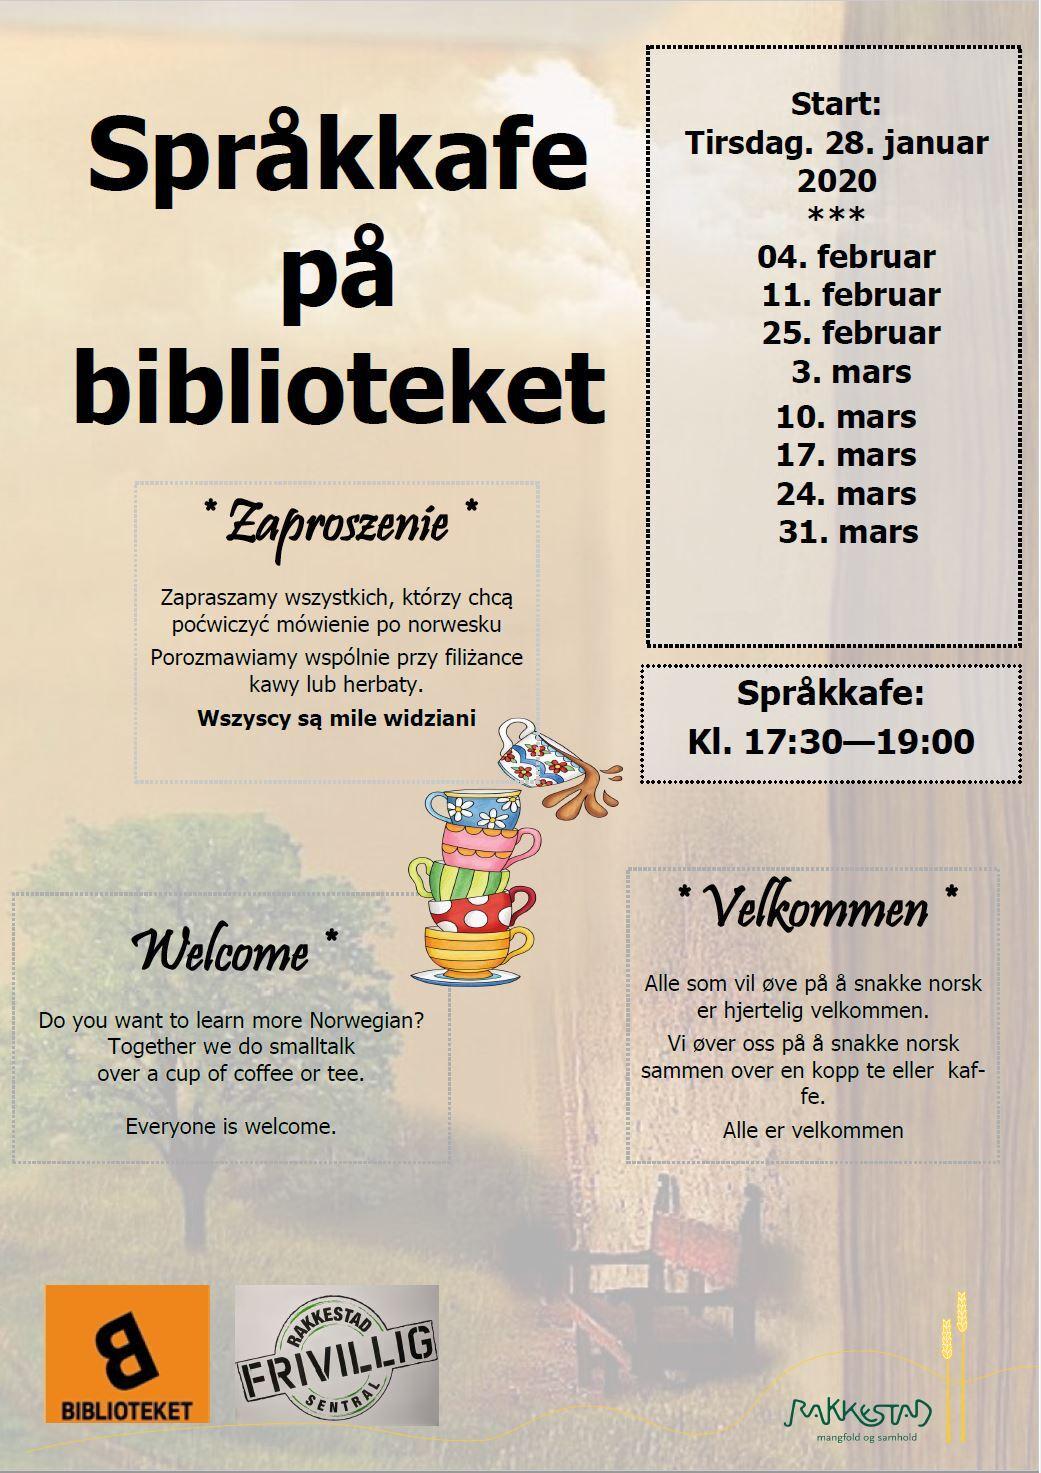 Språkkafe_Plakat_Frivillingsentral_Bibliotek_illbld_300120.JPG